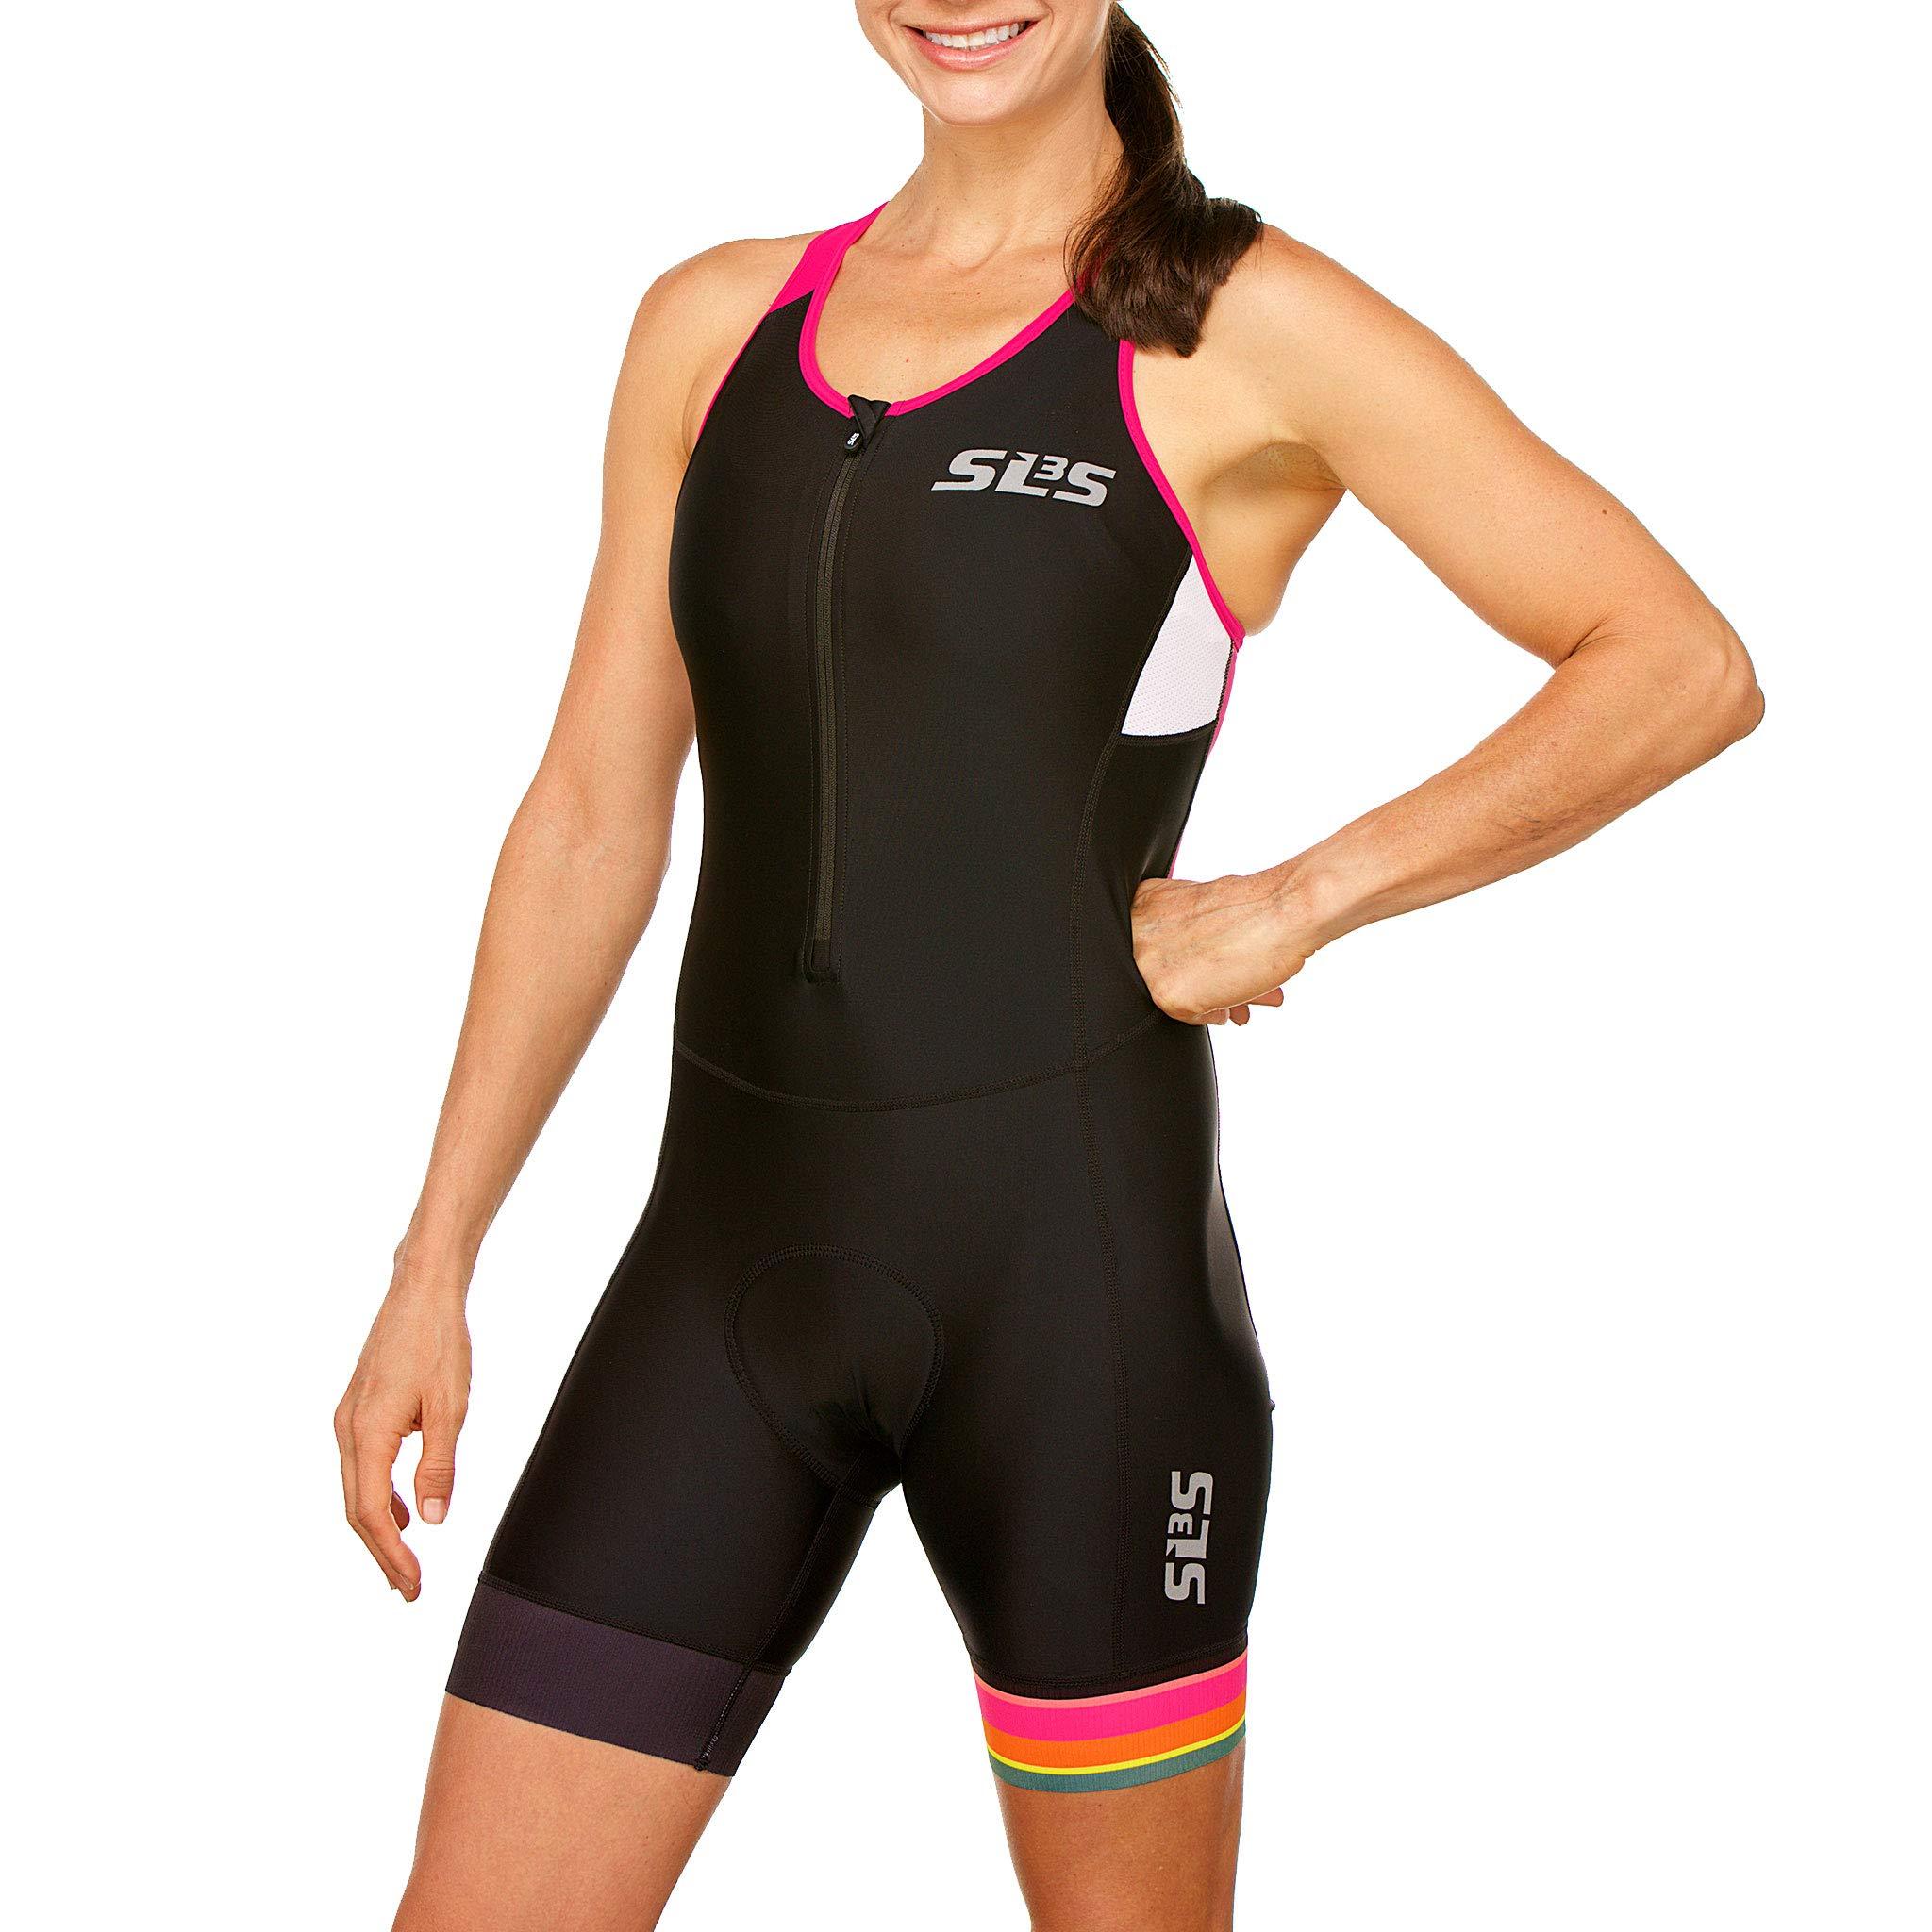 SLS3 Women`s Triathlon Tri Race Suit FRT | Womens Trisuit | Back Pocket Triathlon Suits | Anti-Friction Seams | German Designed (Black/Bright Rose, S)